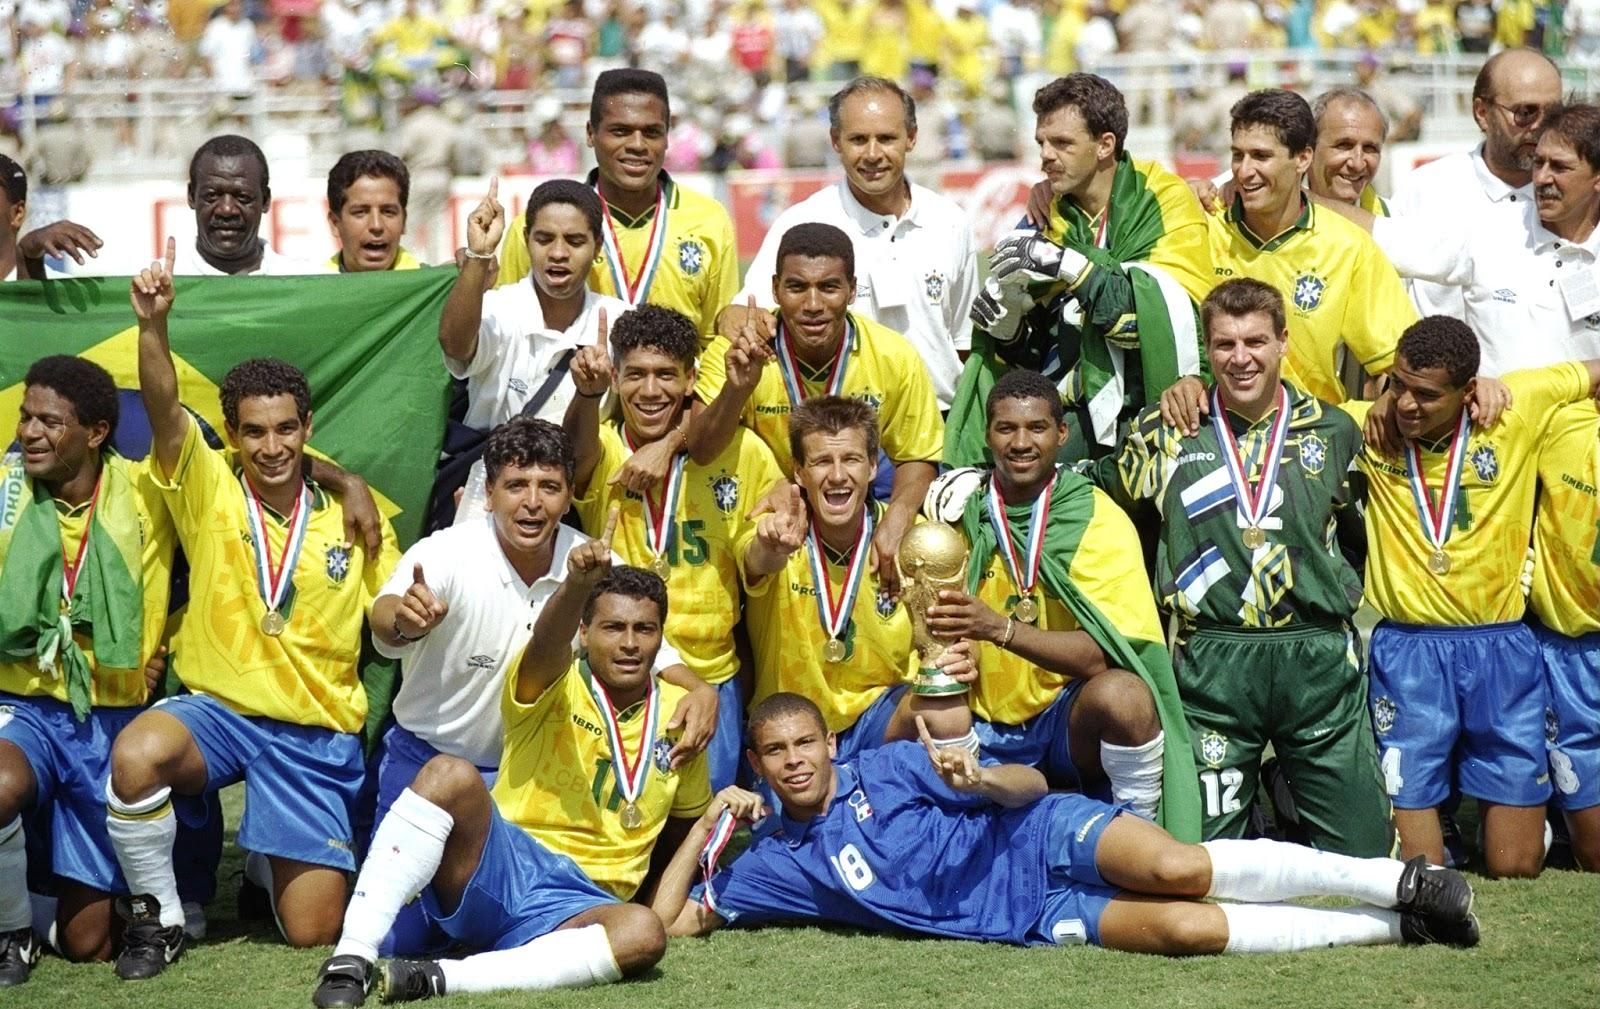 Η Εθνική Βραζιλίας νικήτρια στο Μουντιάλ του 1994